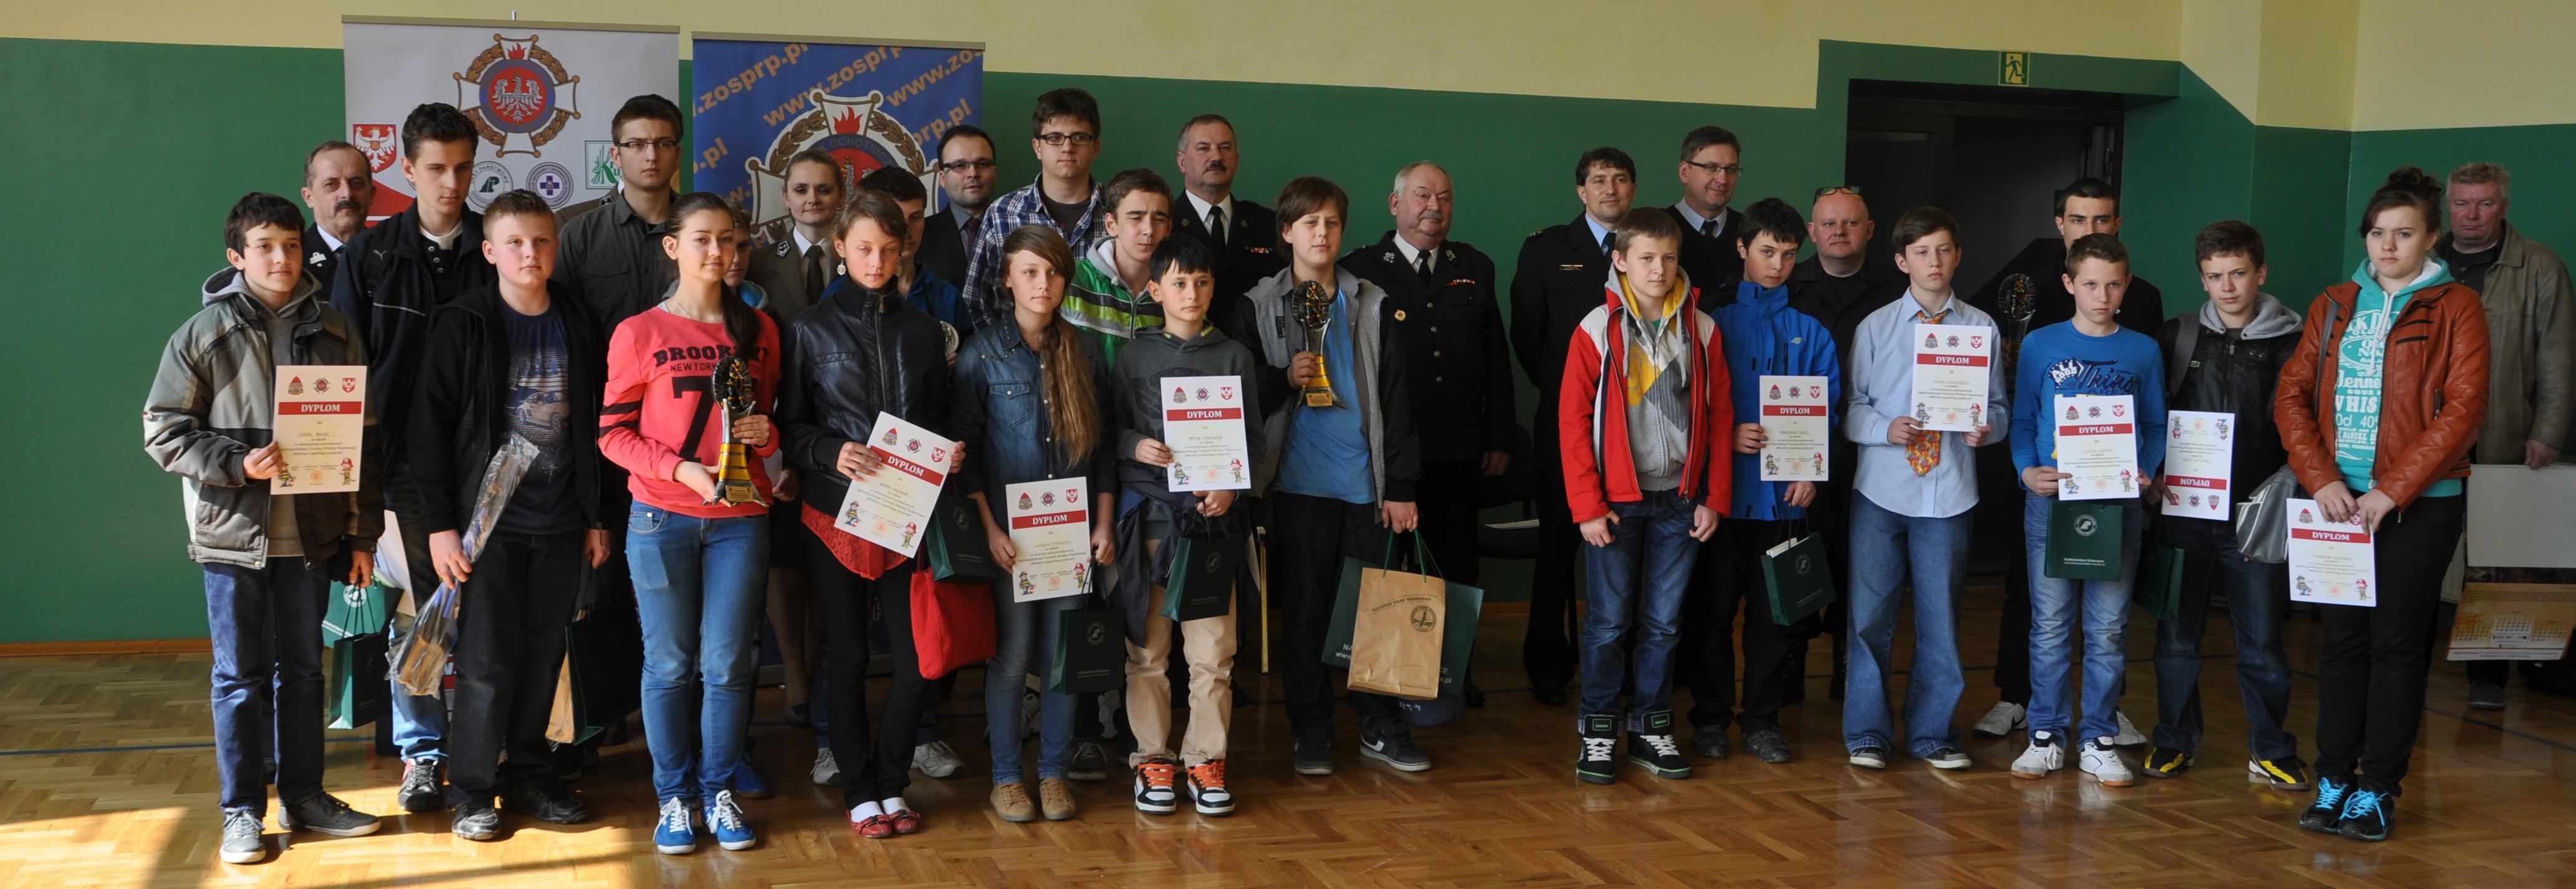 Pamiątkowa fotografia uczestników turnieju wraz z organizatorami. Fot. © terazJaslo.pl / DAMIAN PALAR